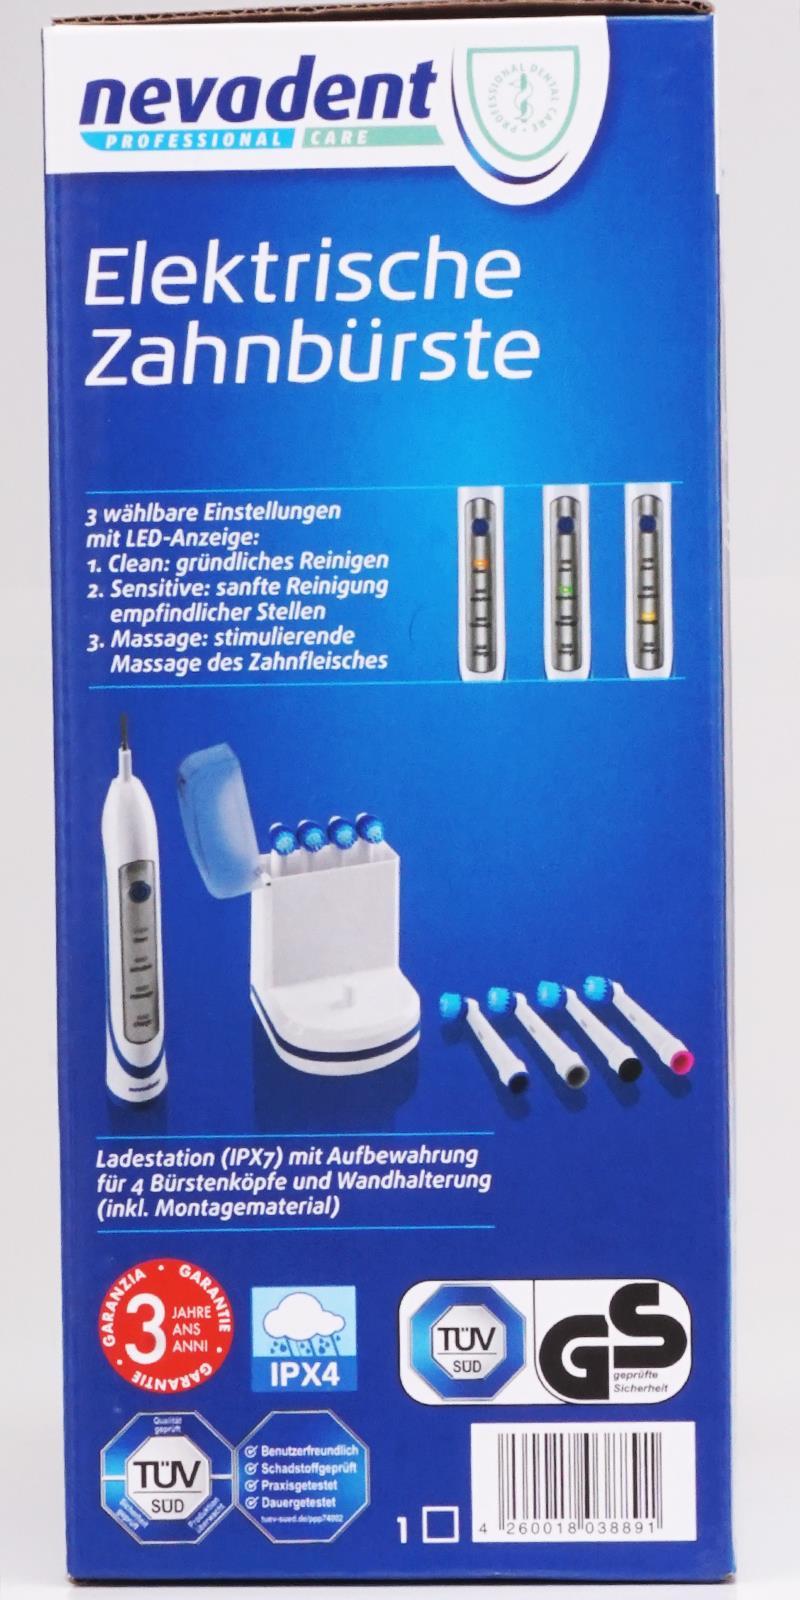 Elektrische akku zahnb rste blau nevadent elektrische - Elektrische zahnburste mit wandhalterung ...